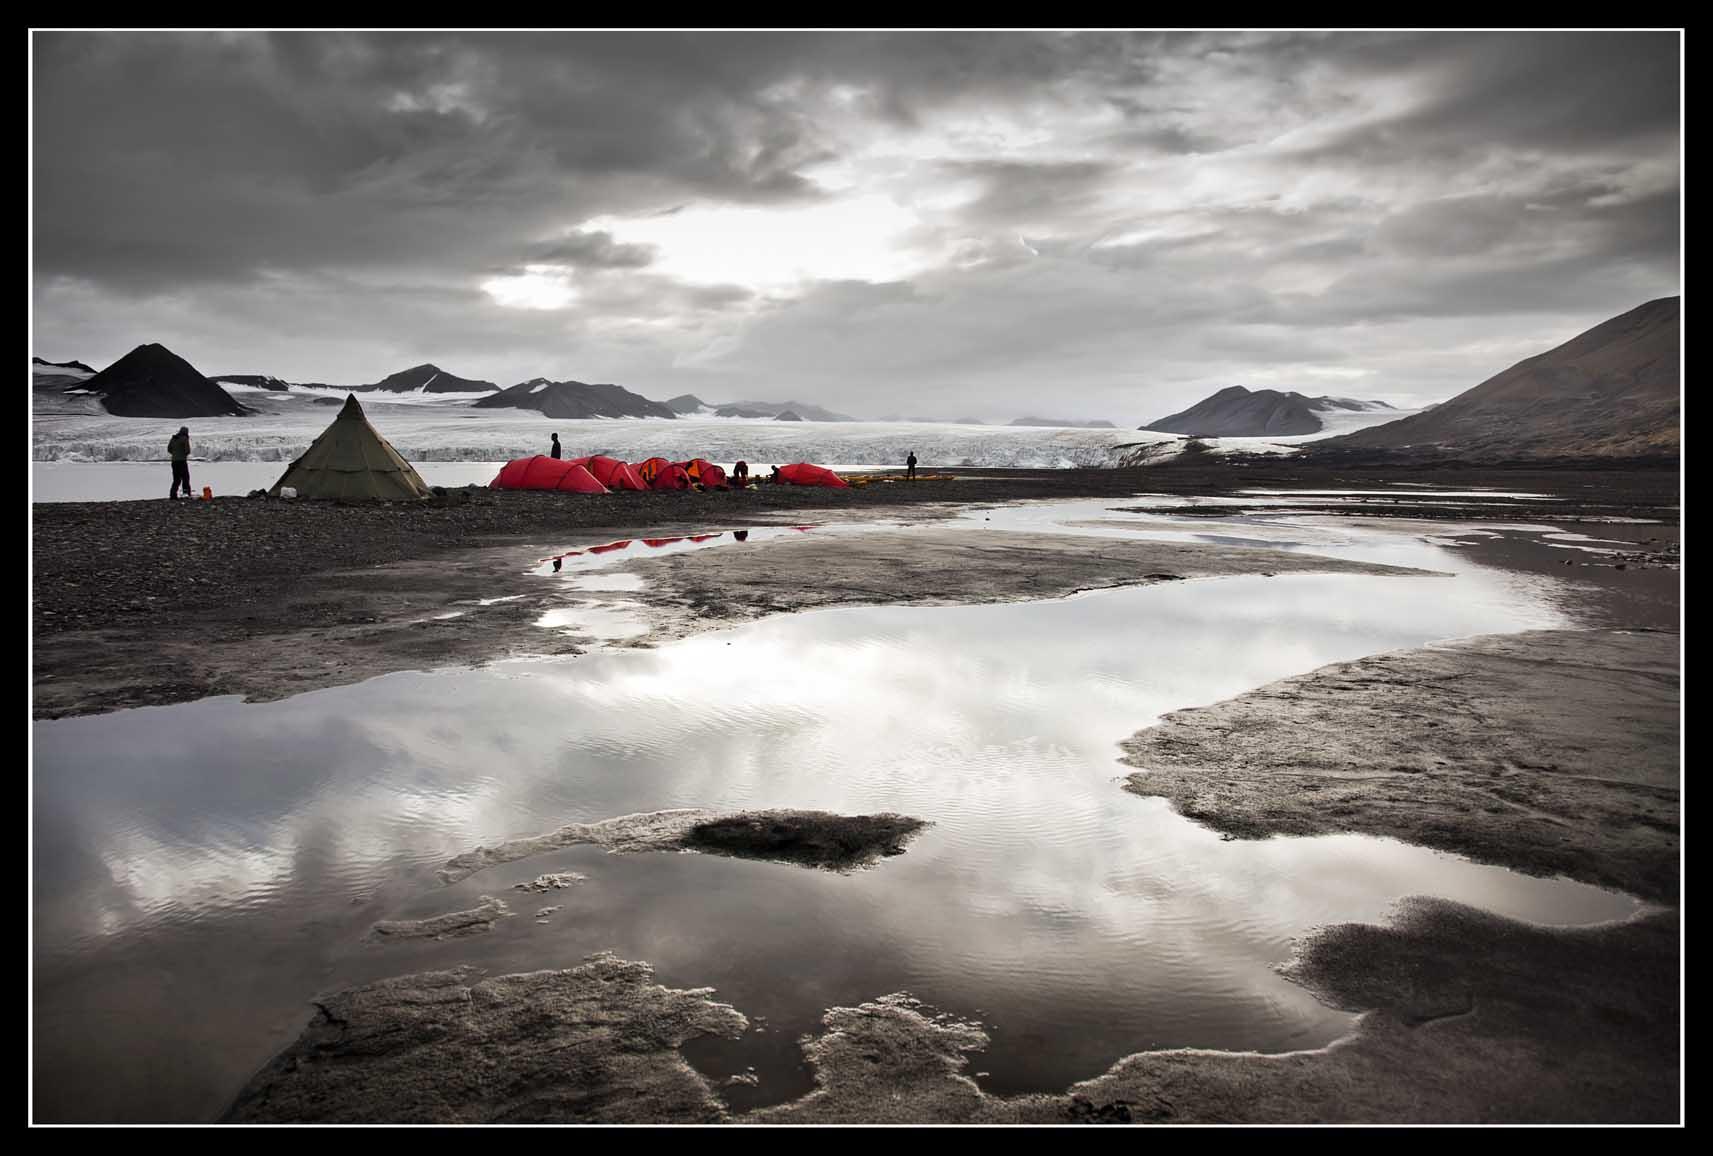 VIAJE: SVALBARD AGOSTO 2013 CATEGORIA: TU FOTAZA Svalbard es un lugar salvaje, capaz de mostrarte su cara más dura, pero también momentos únicos con calmas difíciles de encontrar en muchos sitios. La foto está sacada después de una tempestad en el campamento BOREMORENEN.